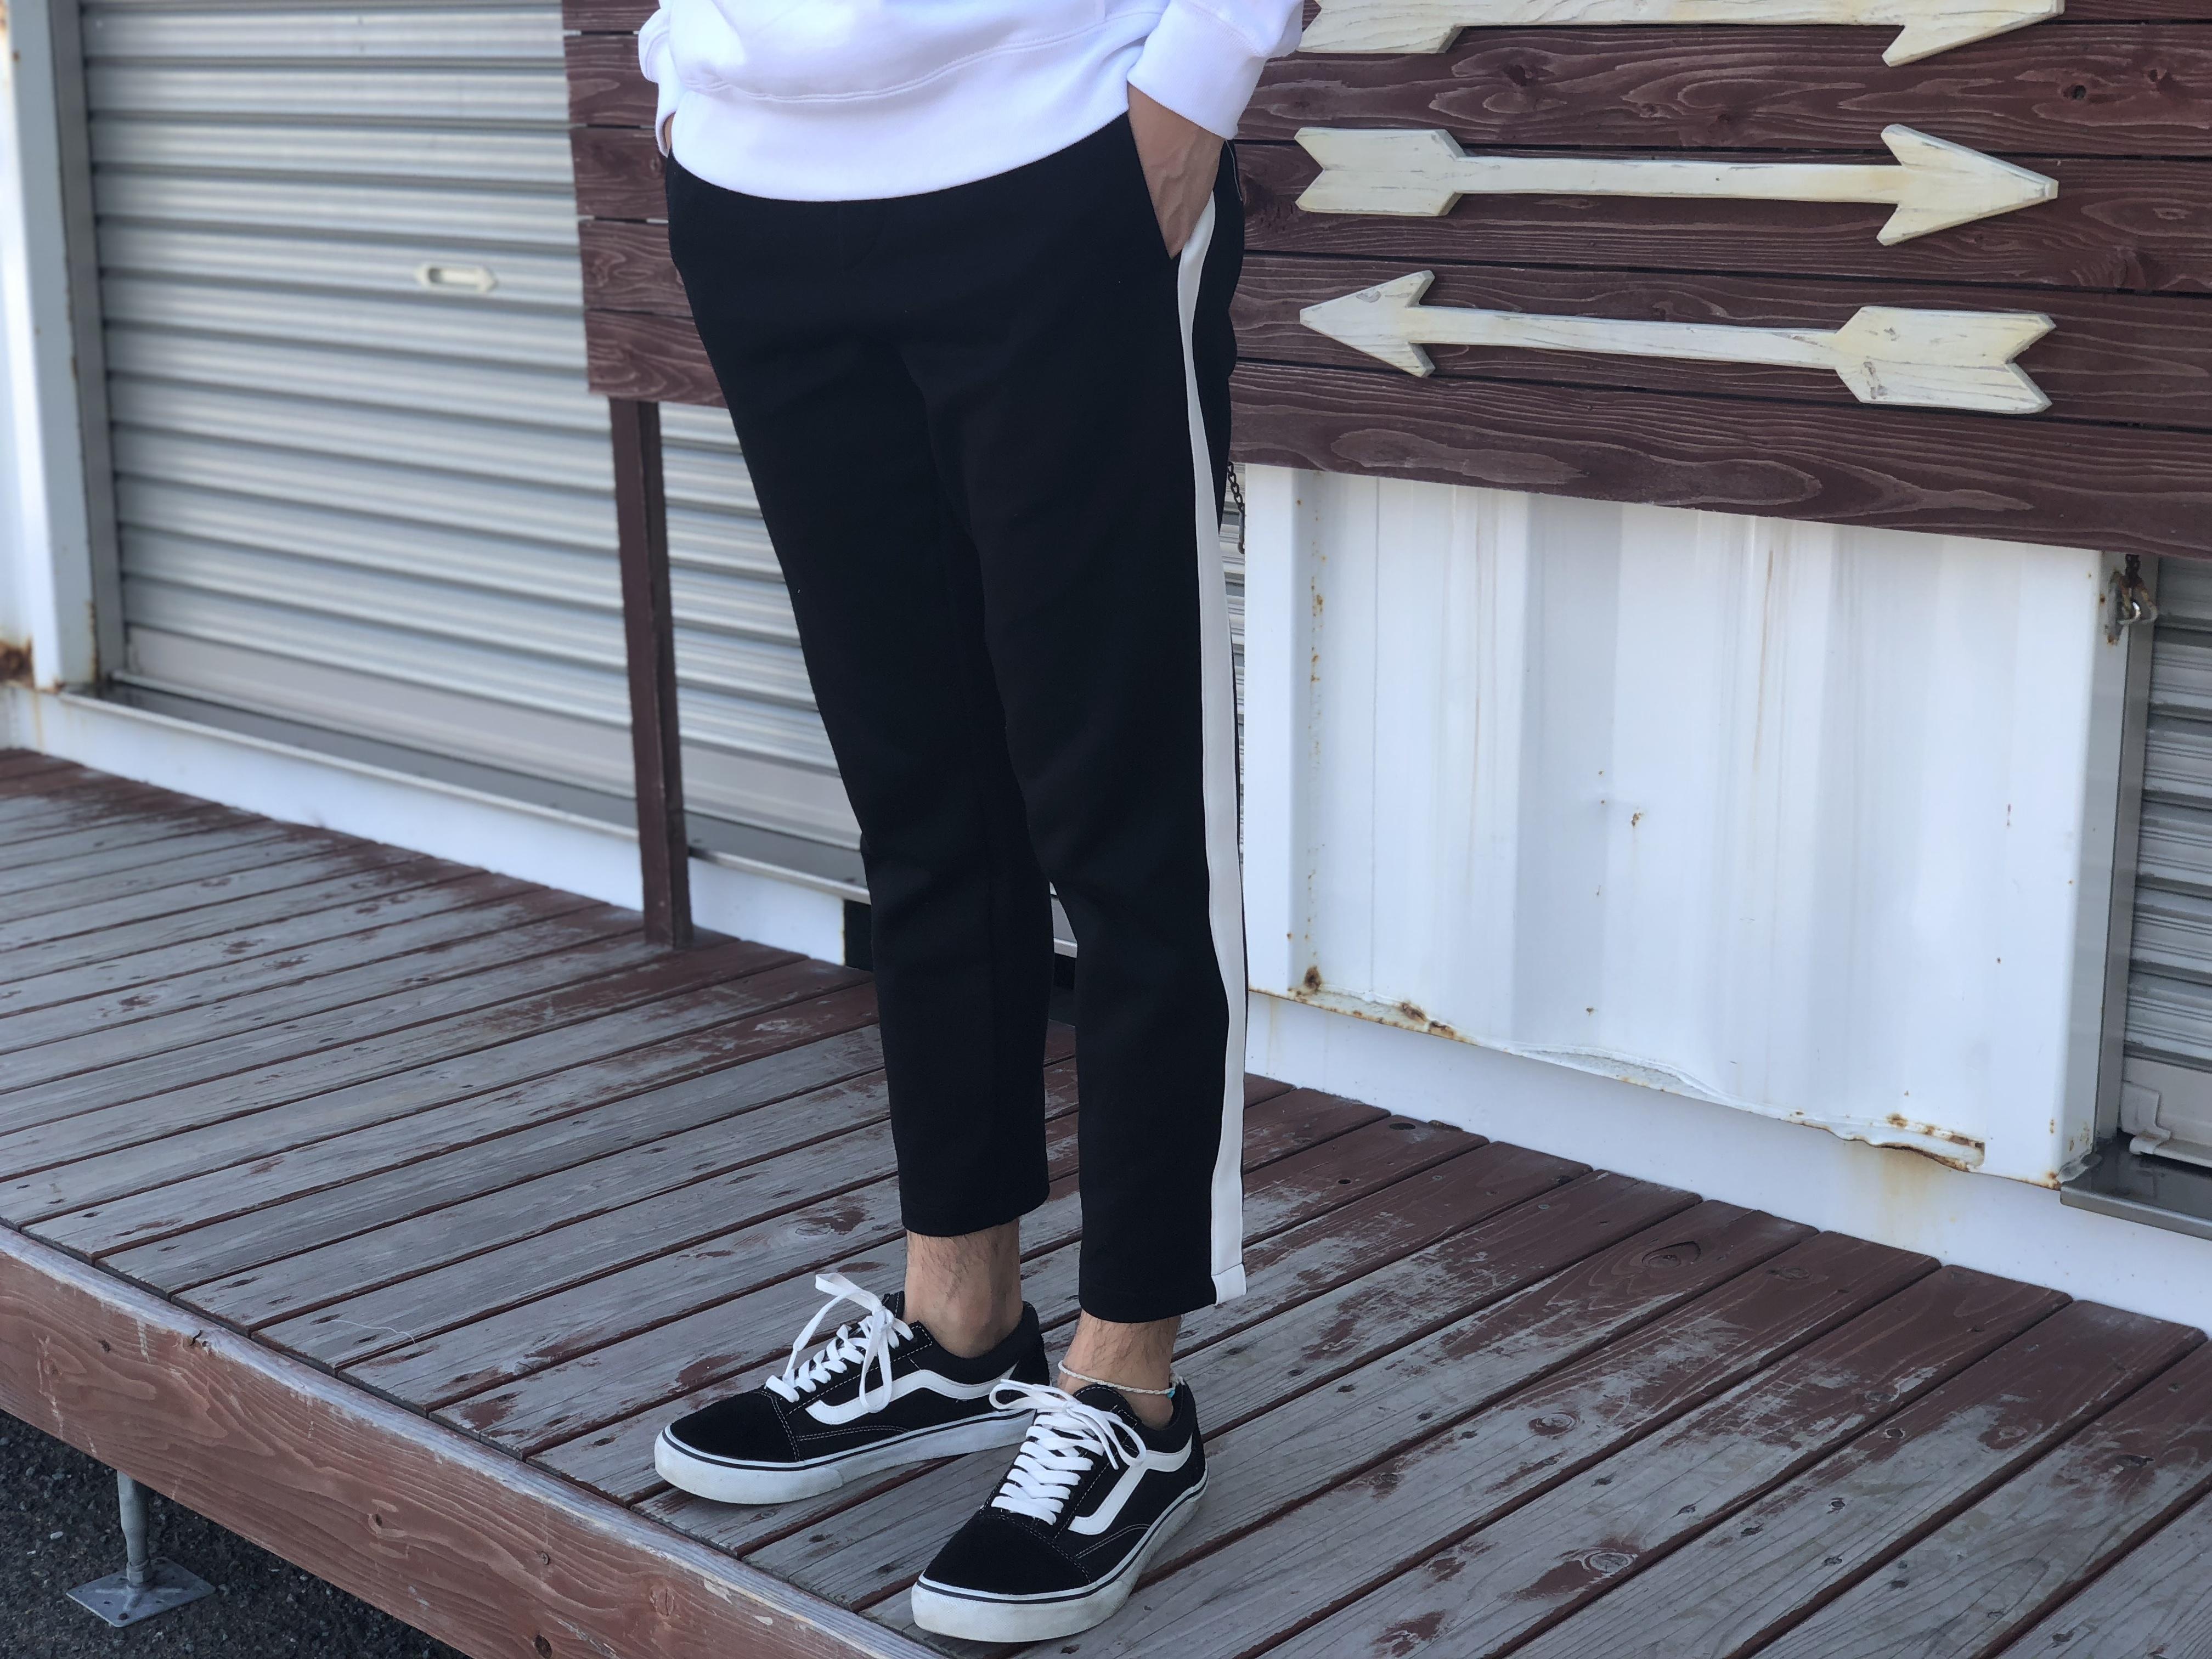 Sideline Jersrysweat Pants (black)